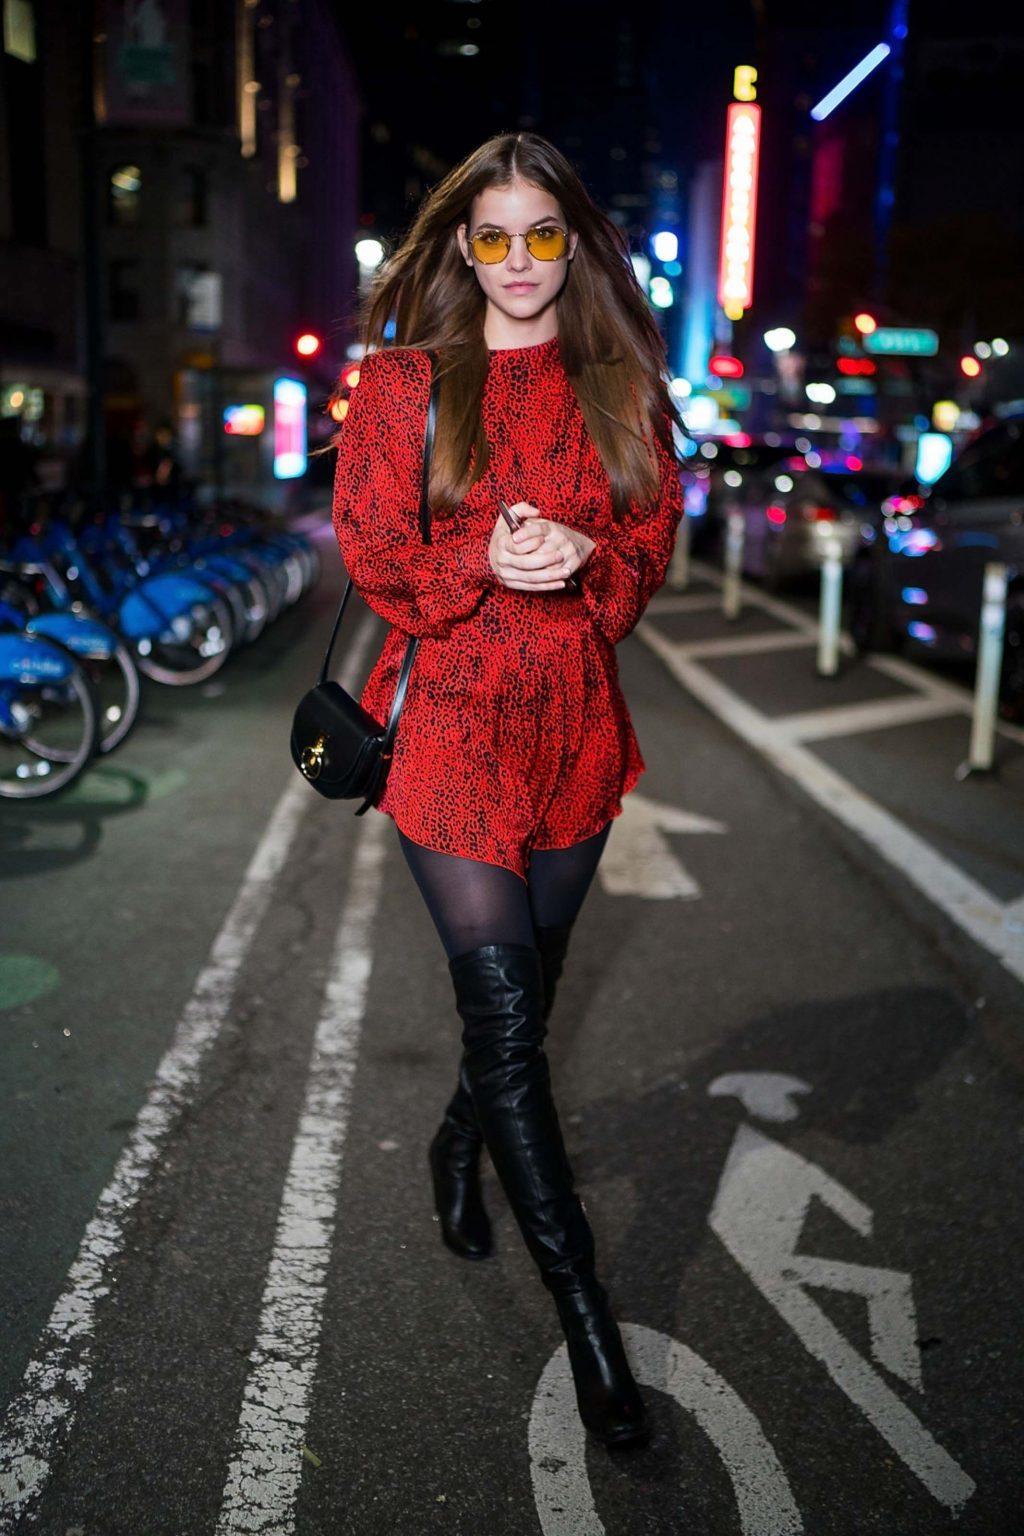 phong cách thời trang đầy lôi cuốn của Barbara Palvin 6